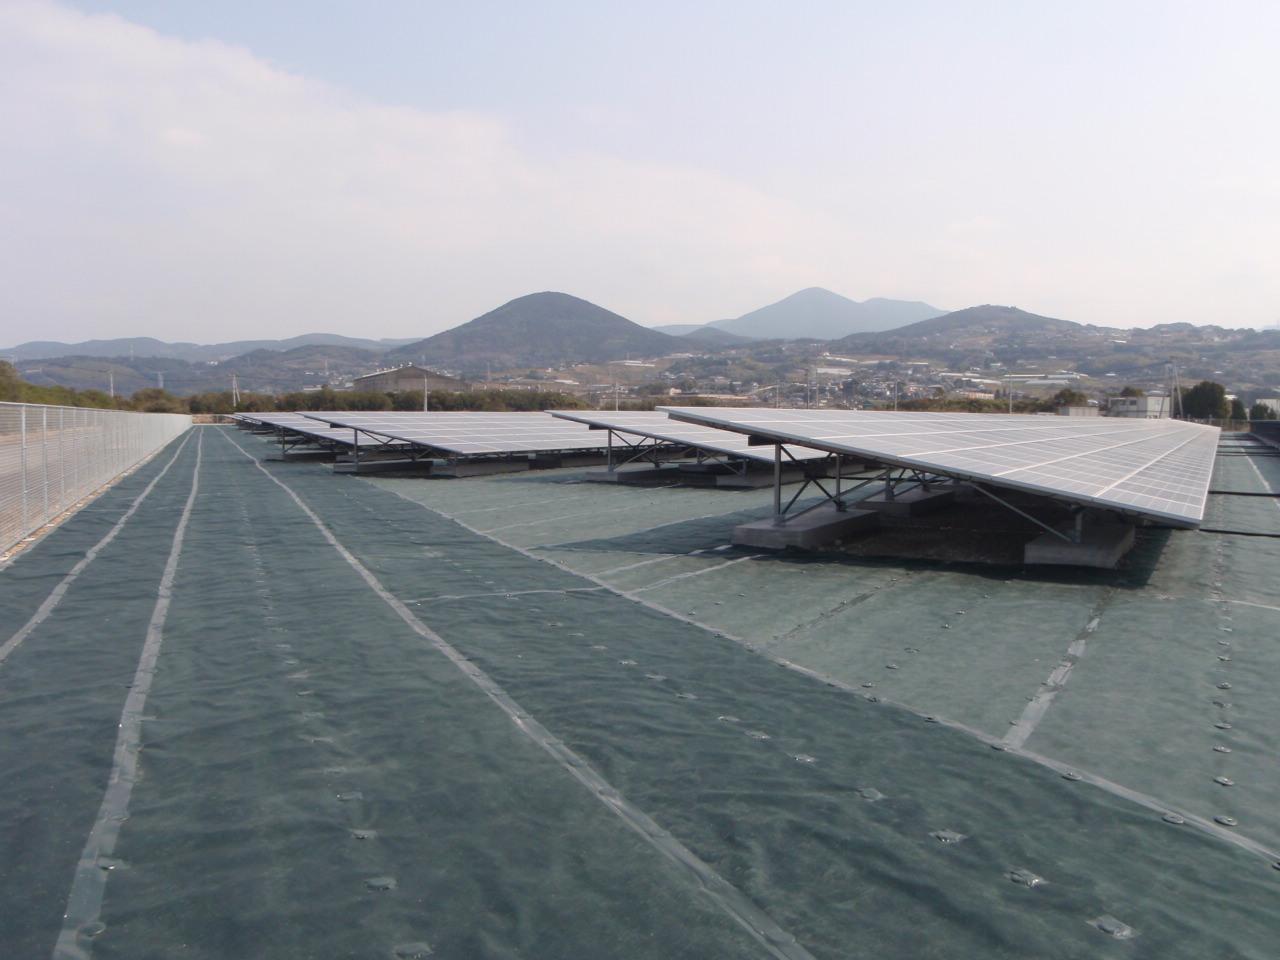 01大村メガソーラー発電所増設工事の内、敷地整地及び太陽電池基礎他工事